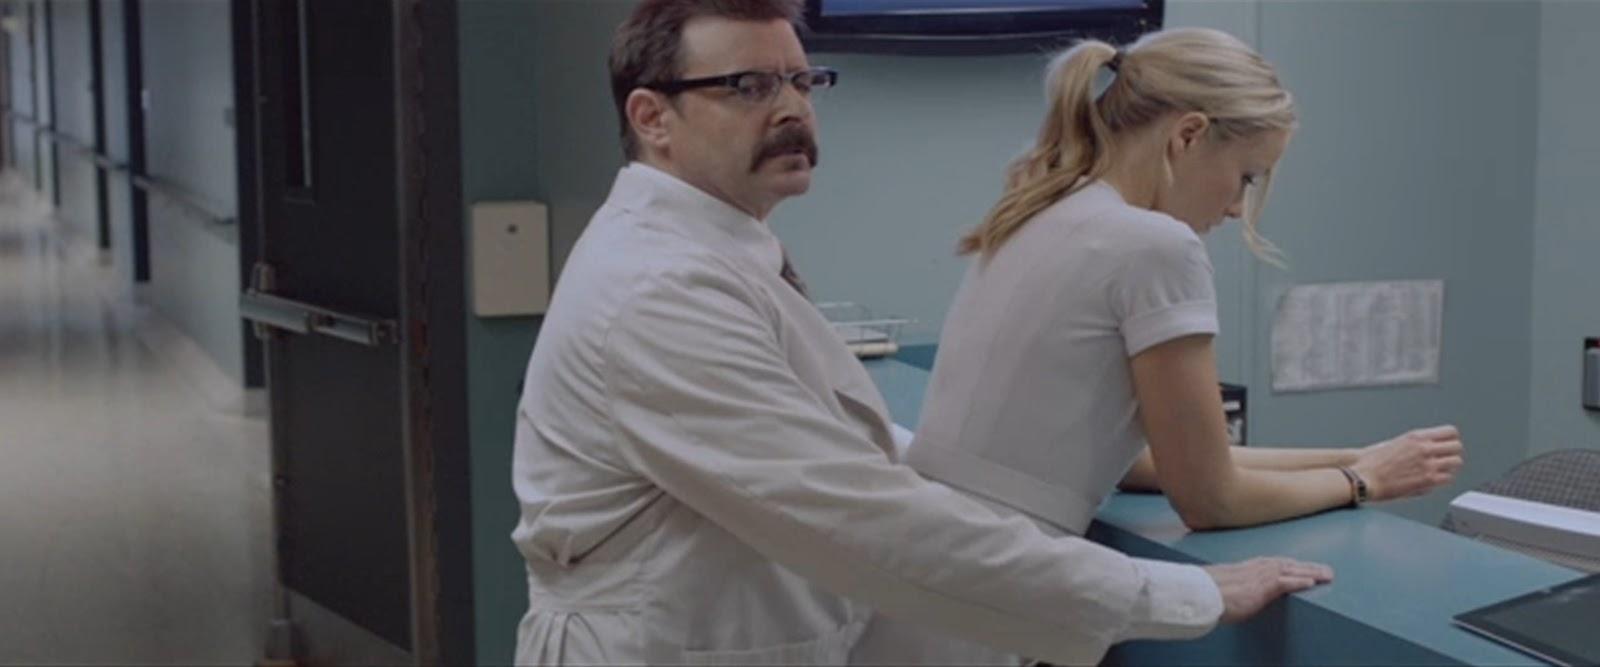 Nurse Ass - Sex Movies Pron-8838